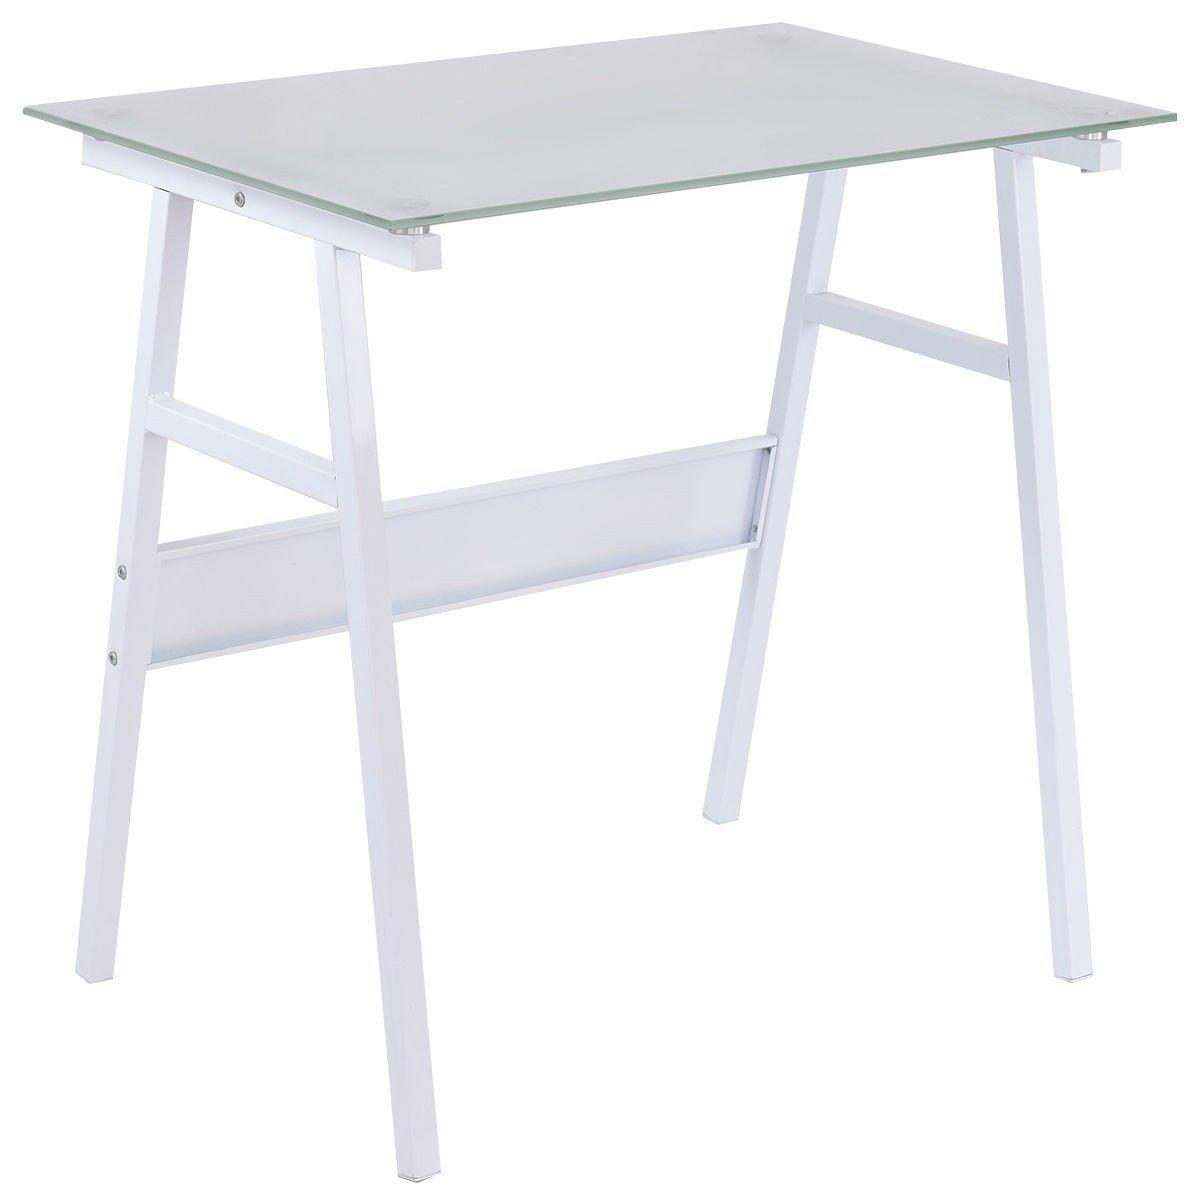 Black Glass Top Metal Leg Study Computer Desk - White